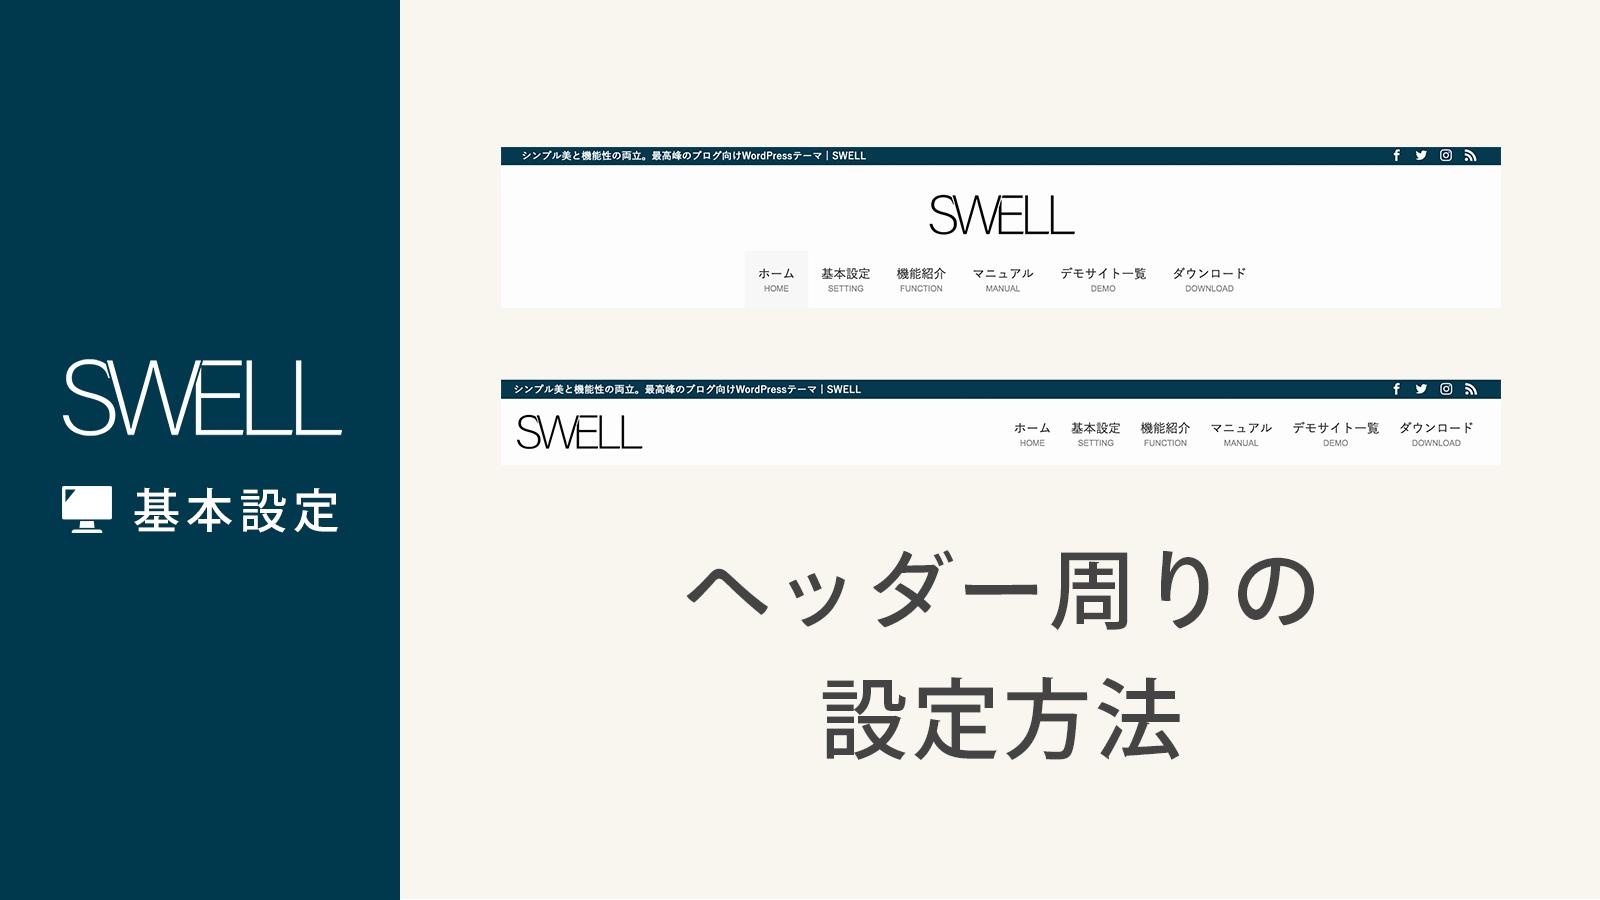 「ヘッダー・ロゴ画像」のデザイン・レイアウト設定 | WordPressテーマ SWELL